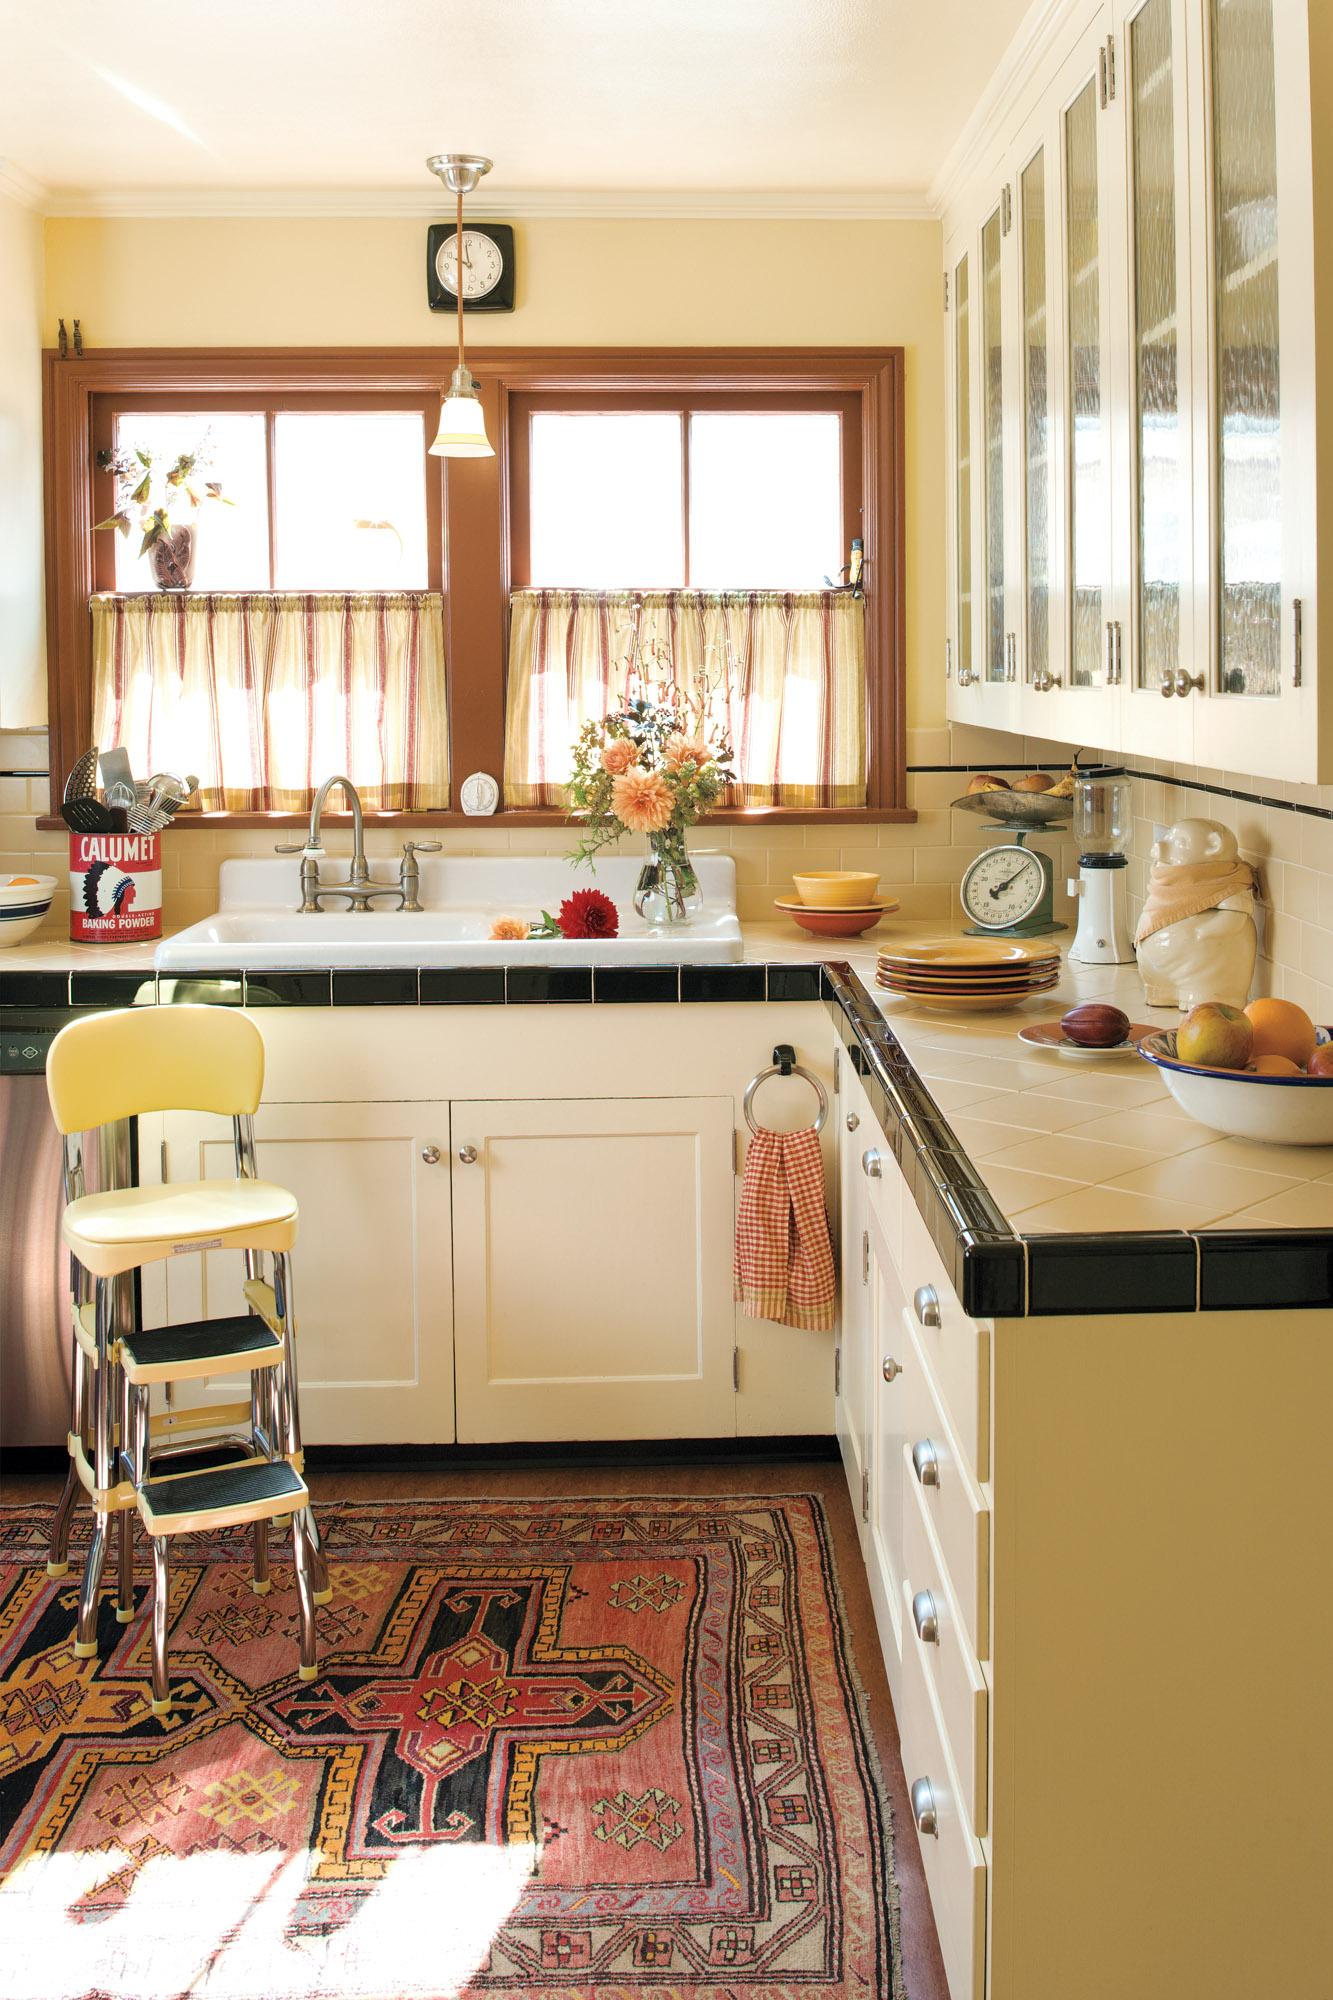 Tudor kitchen, vintage sink